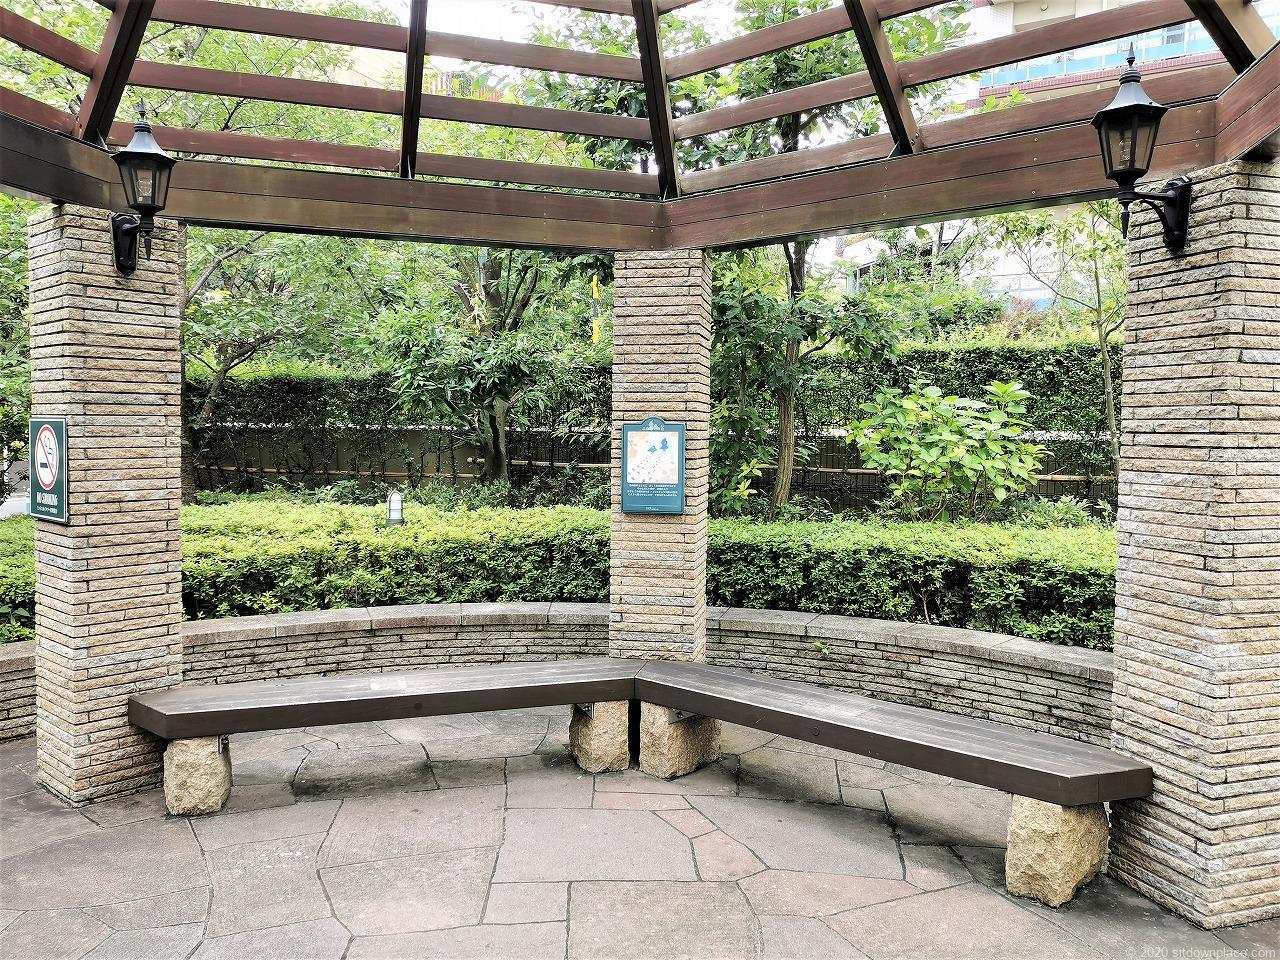 武蔵小杉駅 ふれあいの丘の休憩場所のベンチ1